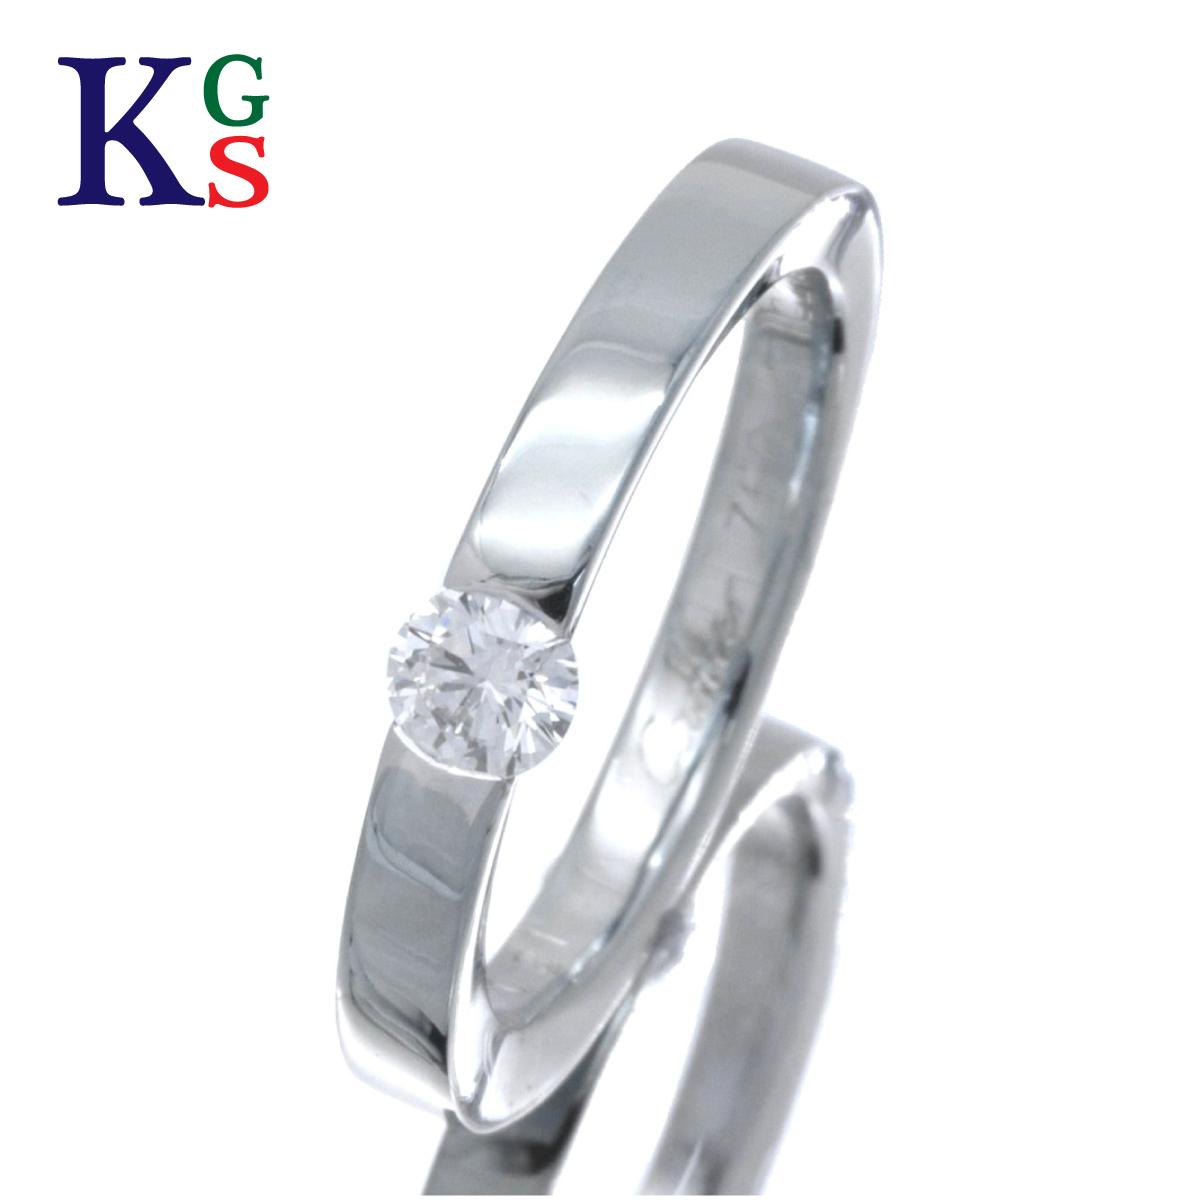 【ギフト品質】【名入れ】【0.21ct】カルティエ/Cartier レディース ジュエリー 1Pダイヤ エンゲージリング/婚約指輪 ホワイトゴールド K18WG 1227